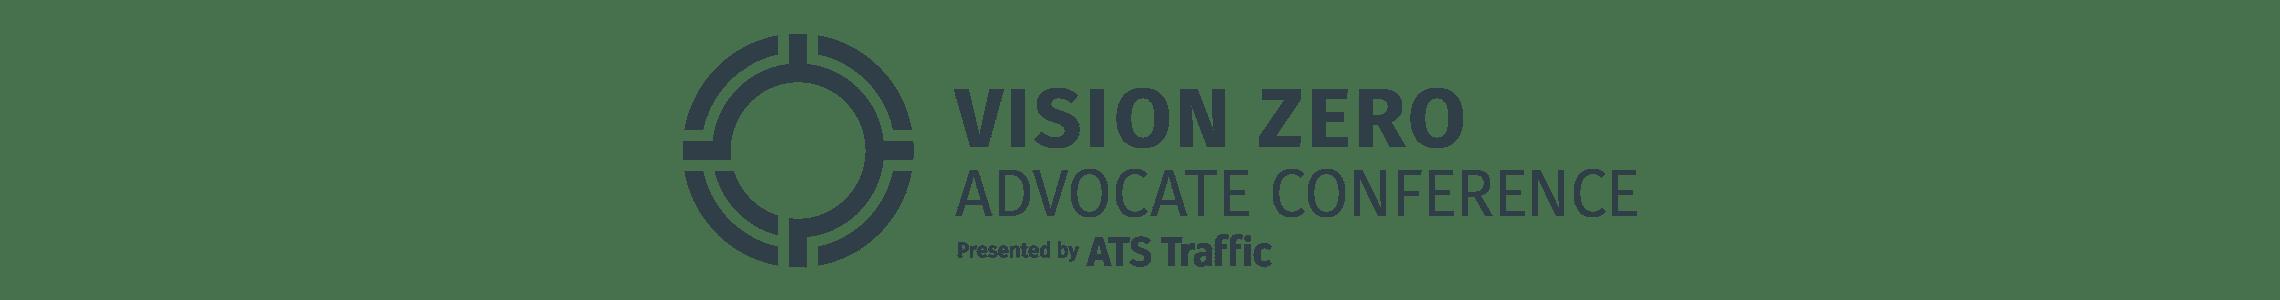 Vision Zero Advocate Conference